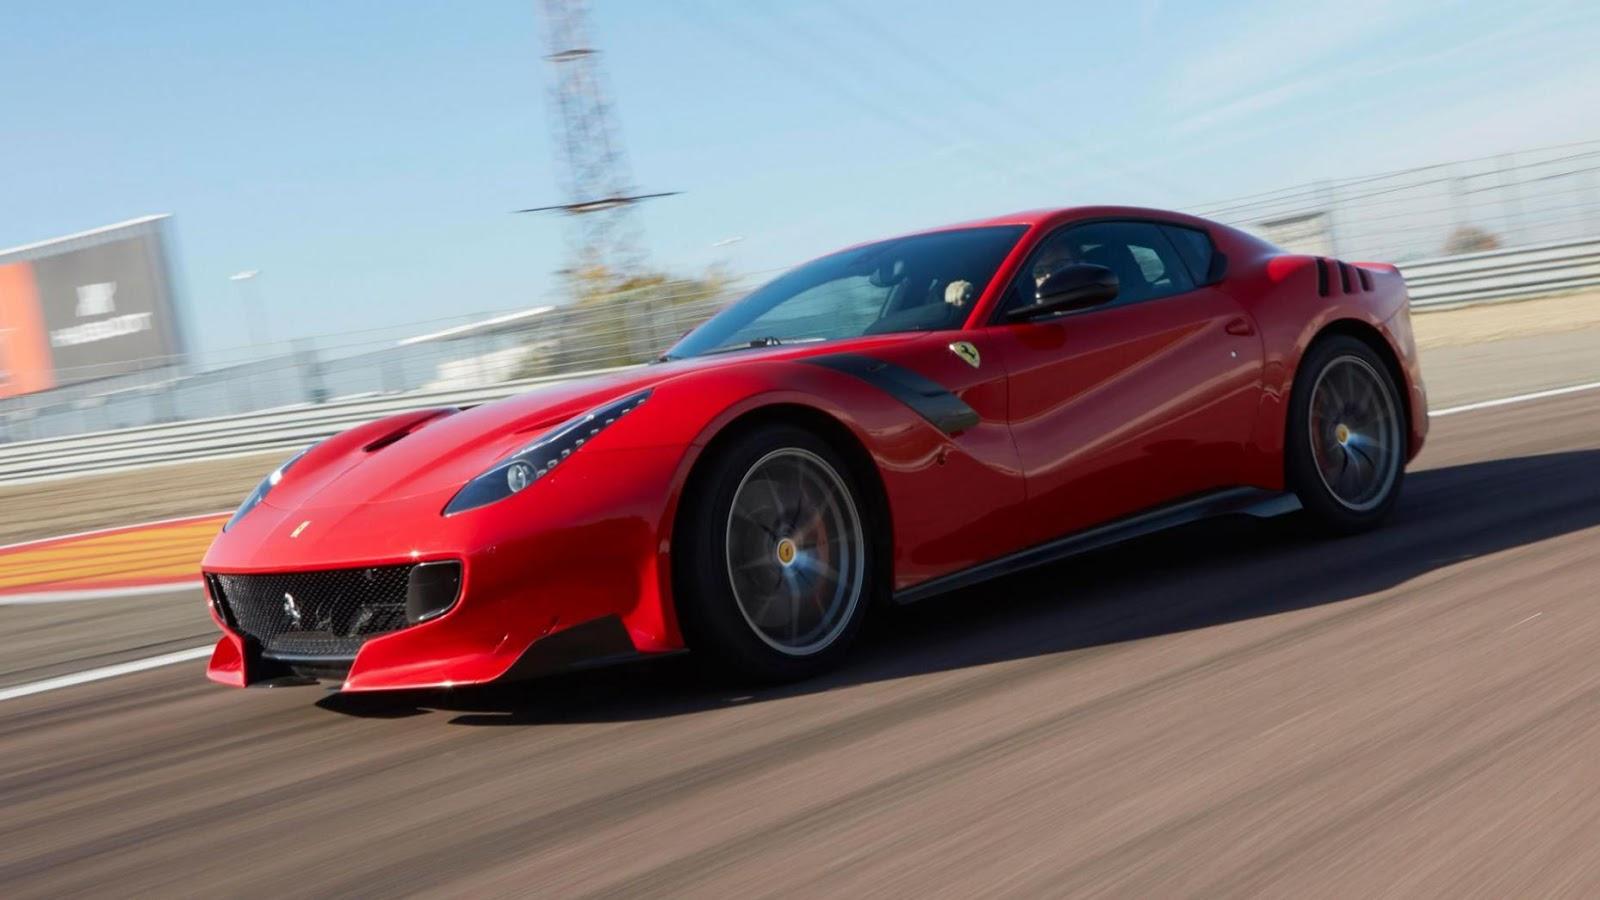 Ferrari F12tdf - 2,9 giây